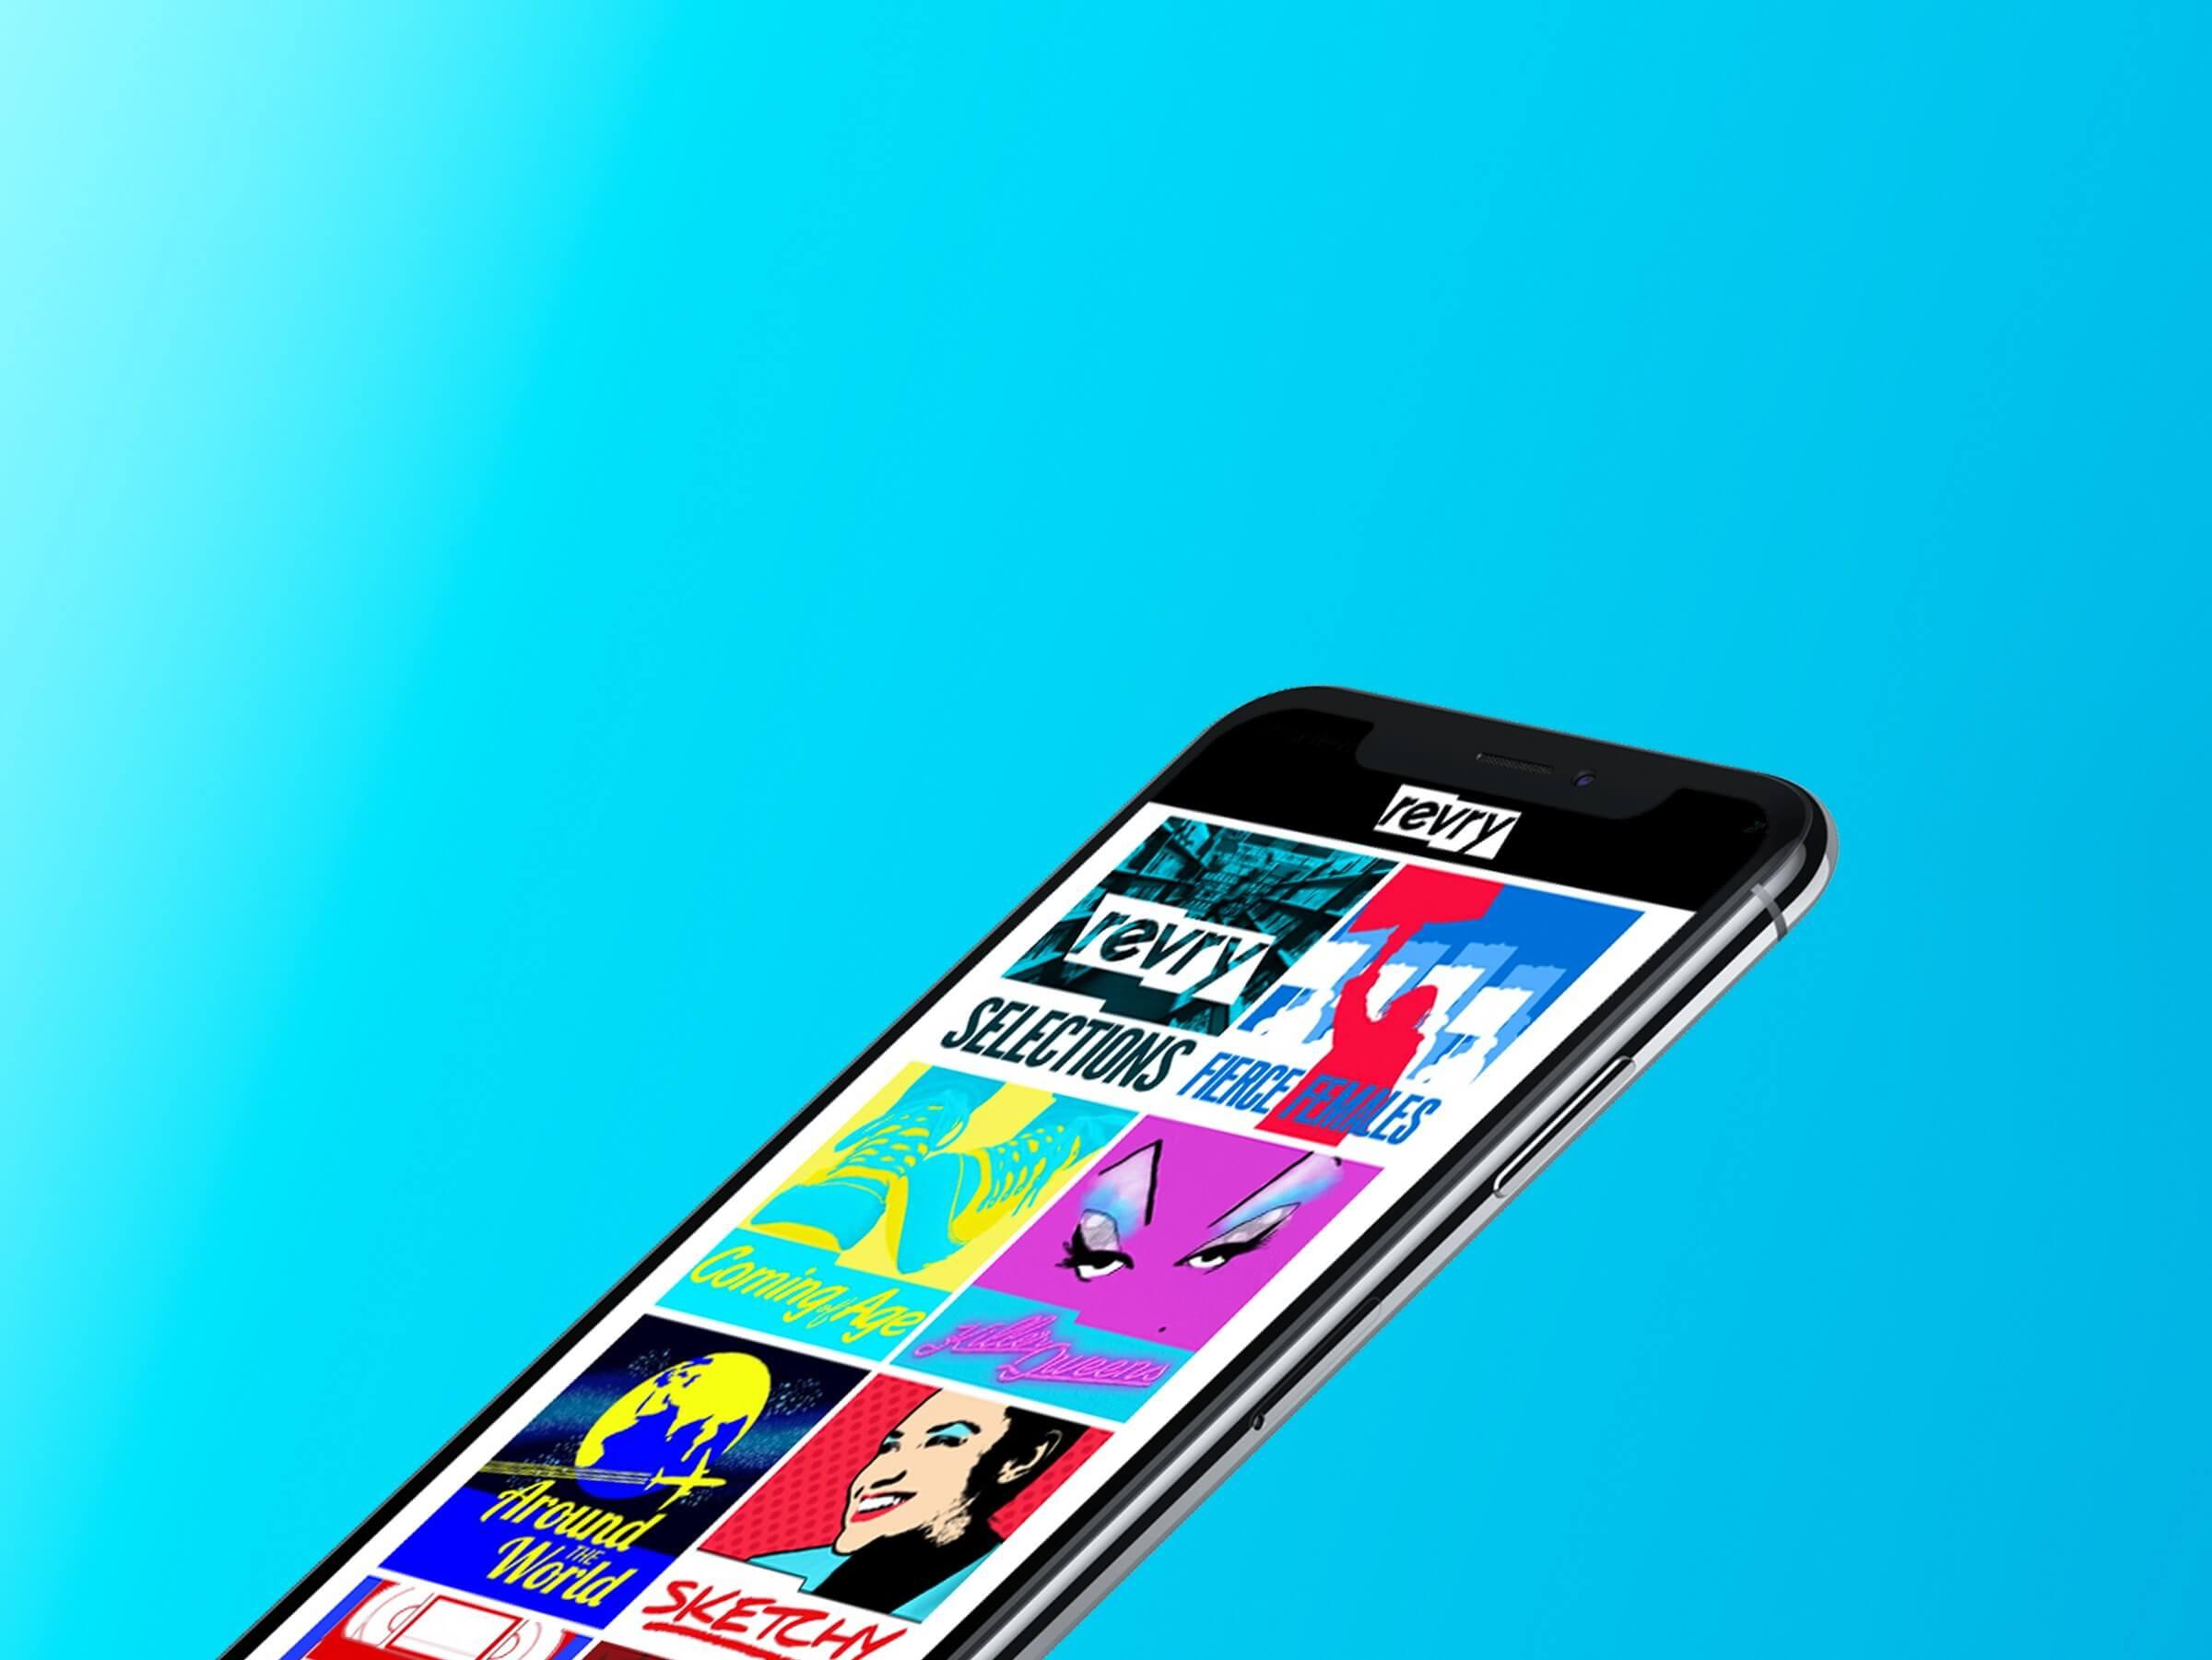 Revry iOS 01 - Conheça Revry: a plataforma de streaming voltada para o público LGBTQ+